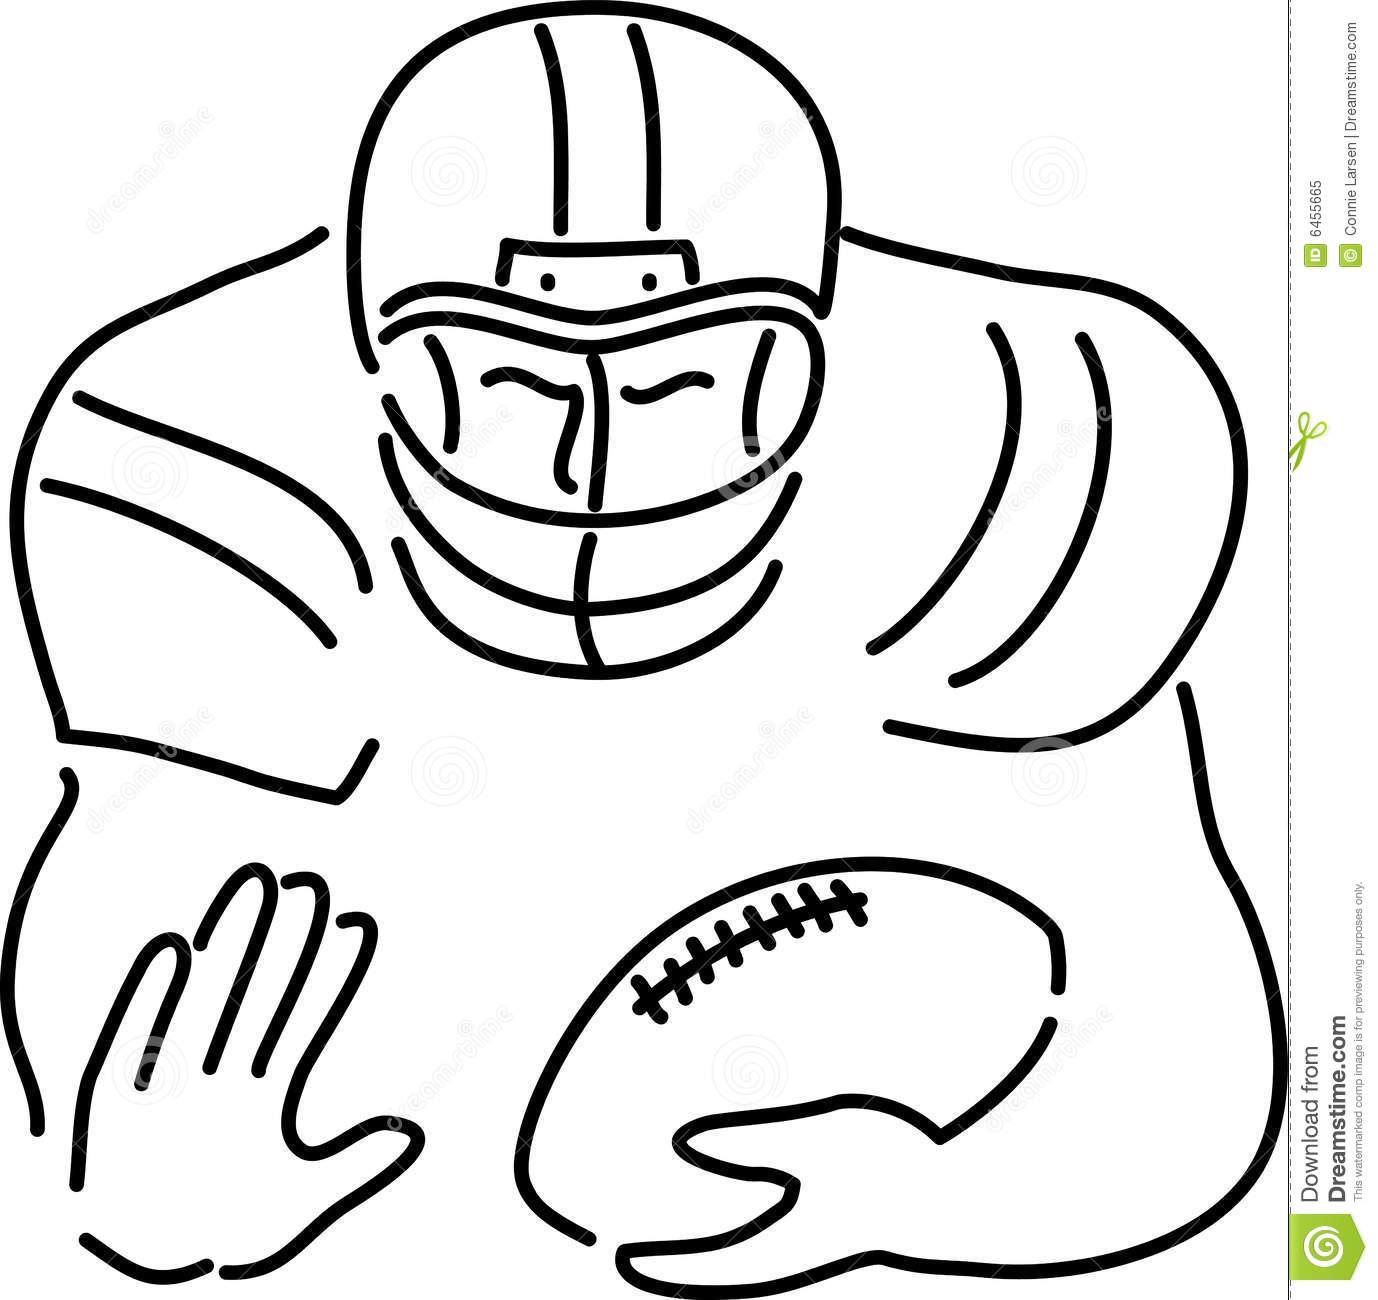 1378x1300 Printable Football Player Line Drawing